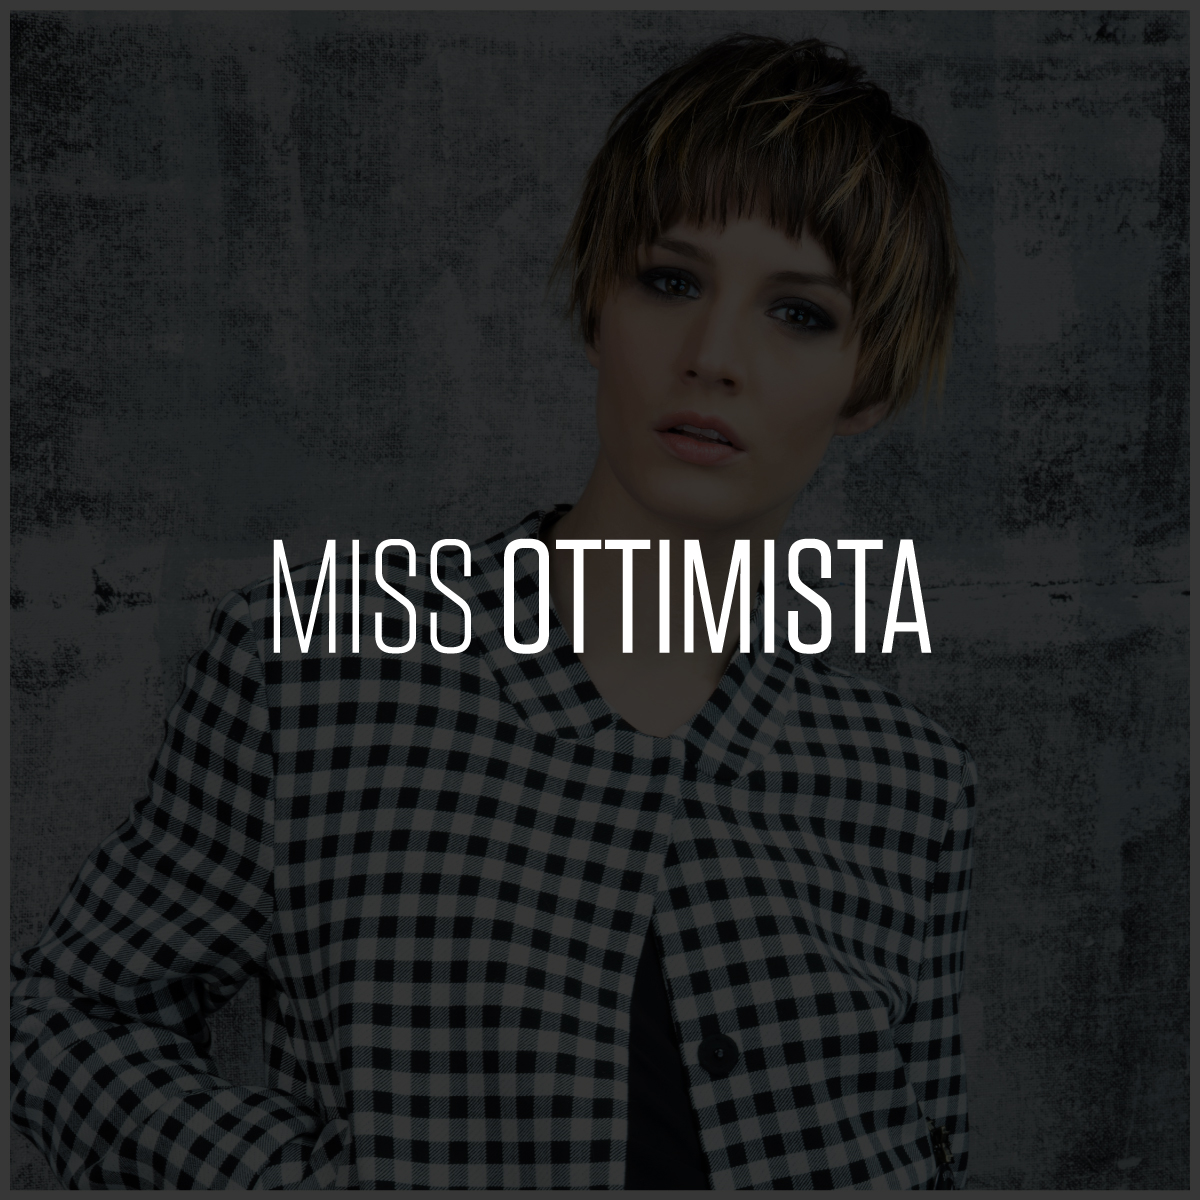 Miss Ottimista | Compagnia Della Bellezza | Collezione Miss l'era del coraggio | 2015